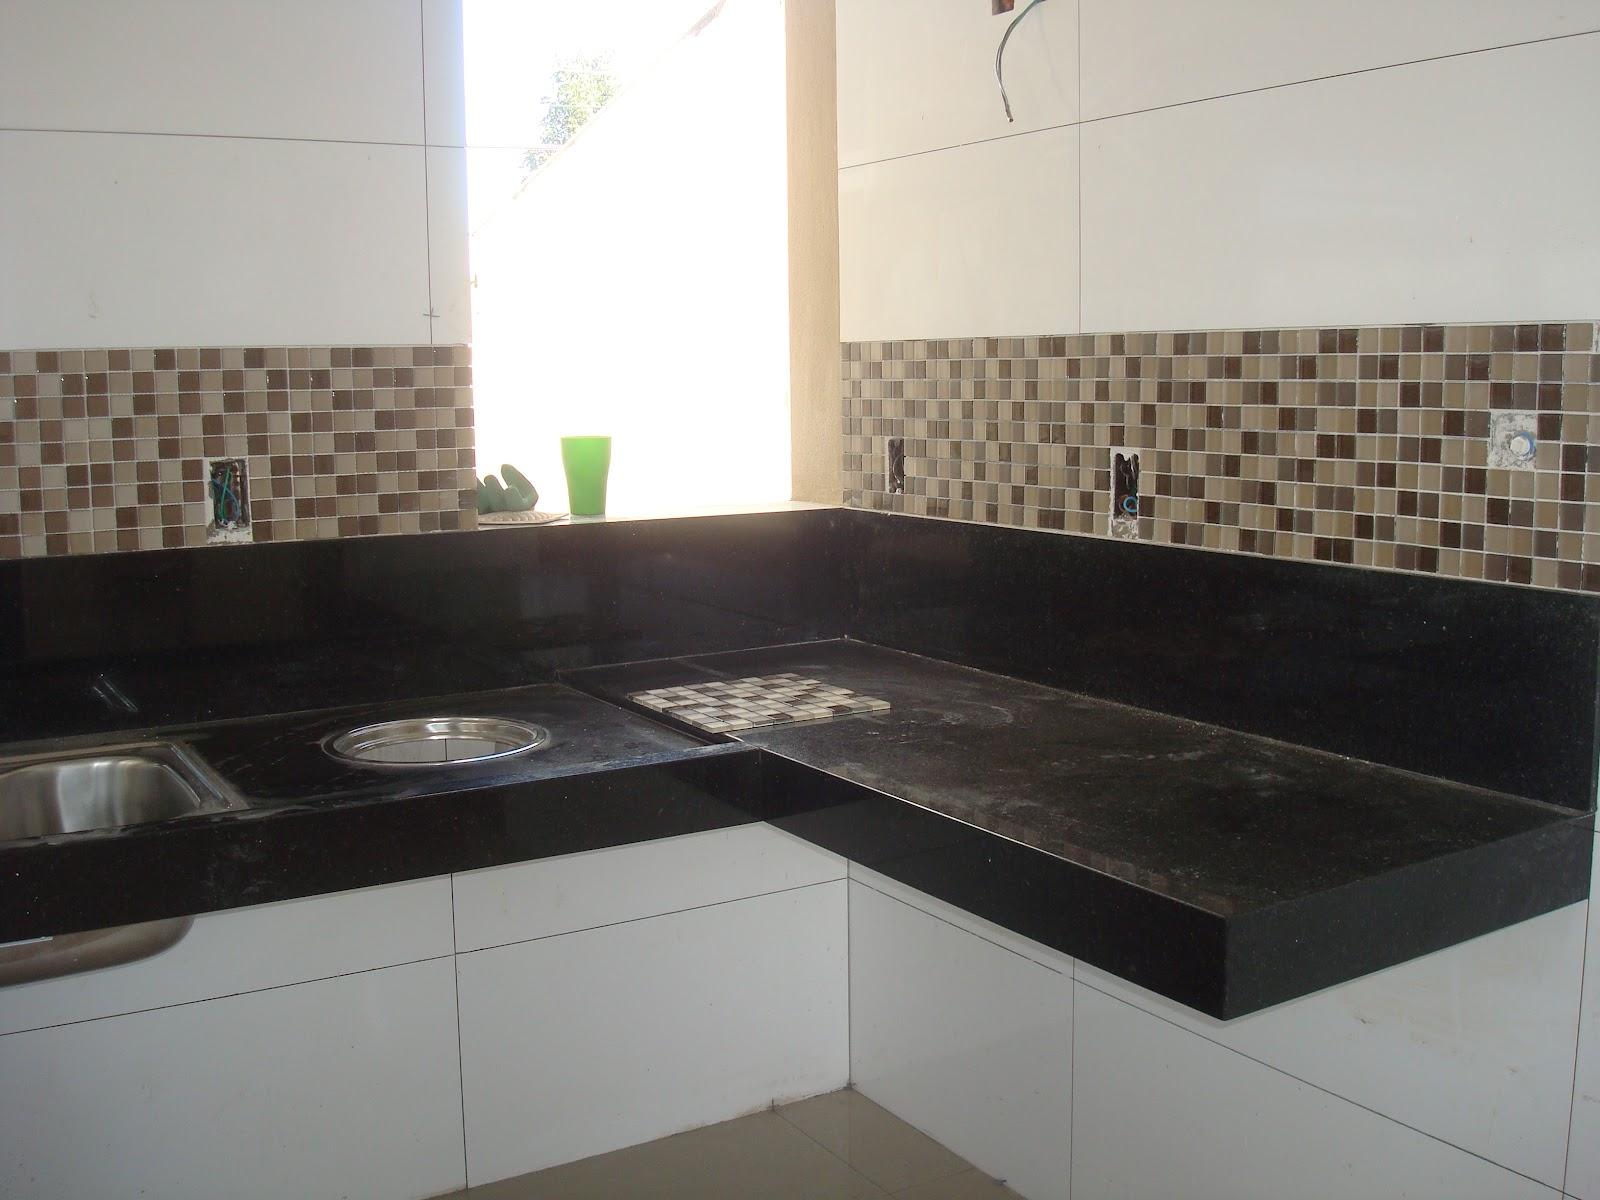 Os armário de cima começa depois daquela parede madeirada e acima  #647A51 1600x1200 Altura Ideal Janela Banheiro